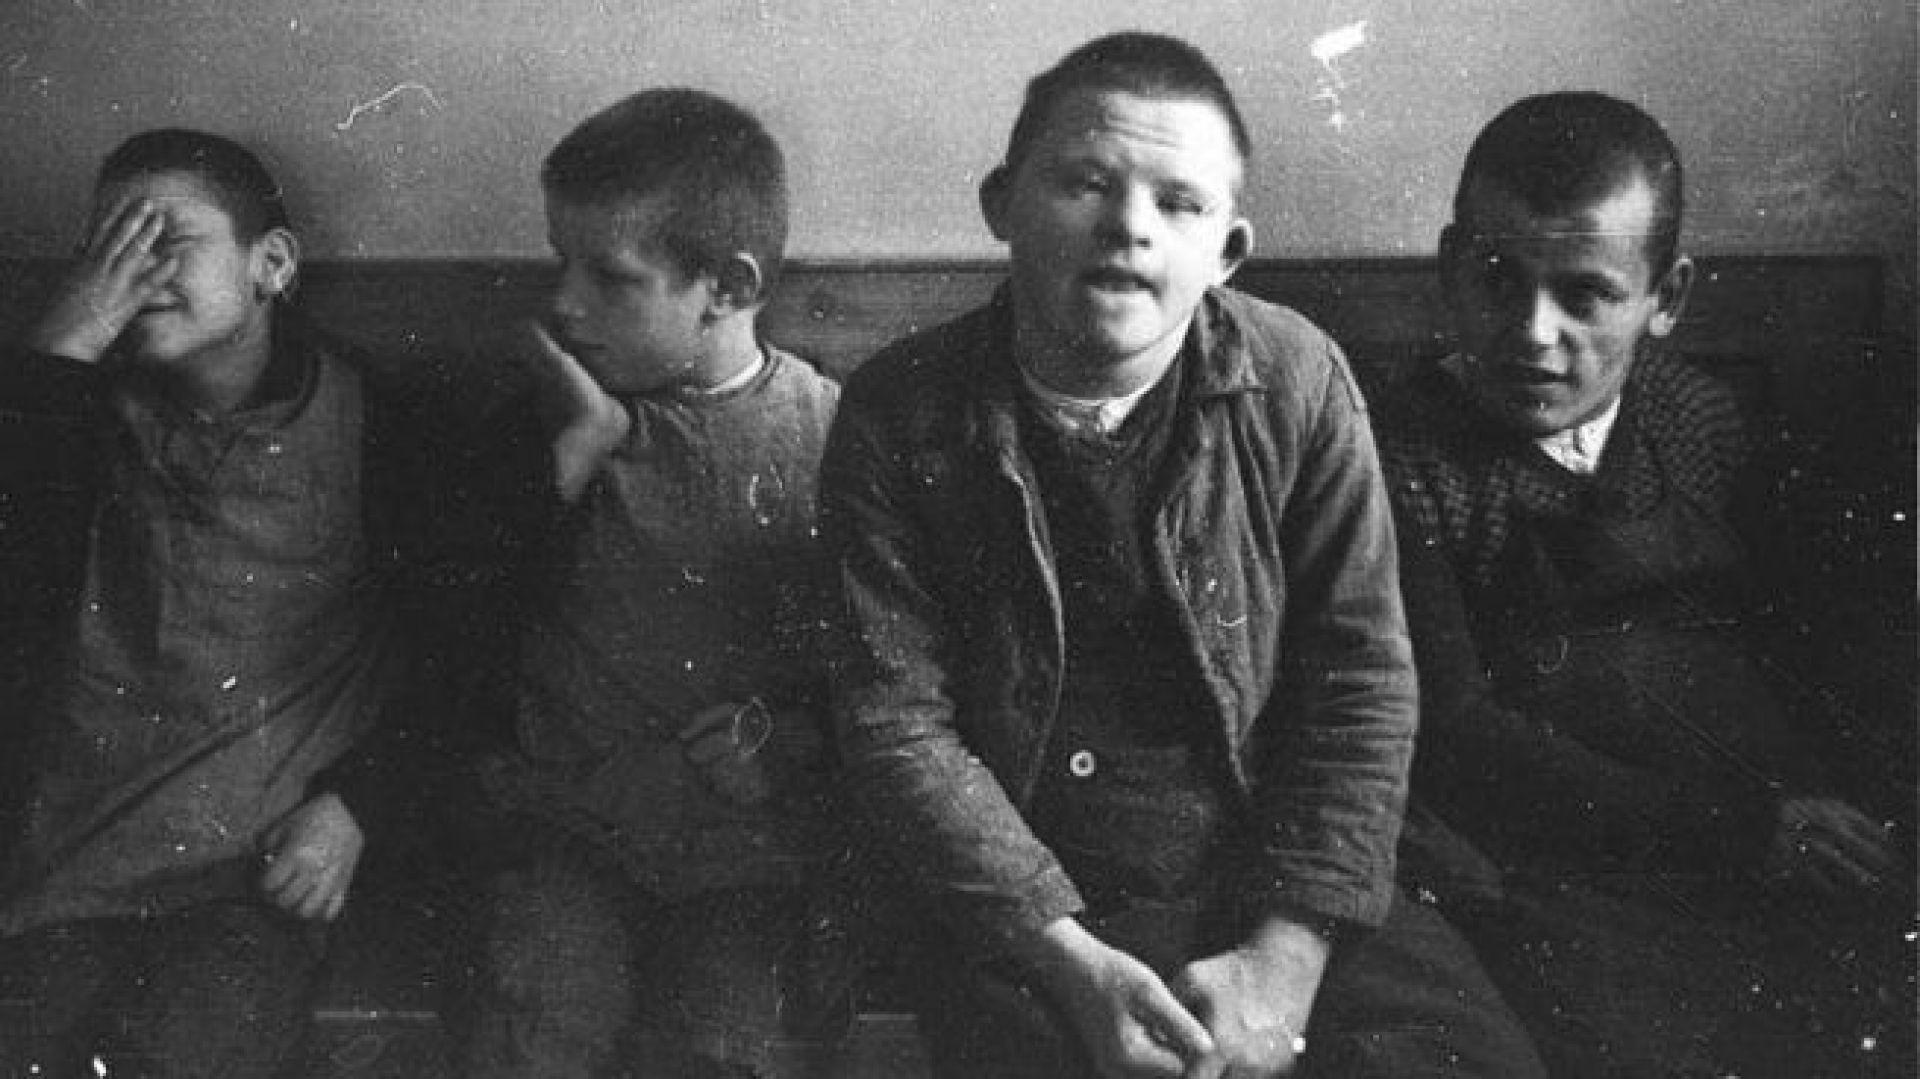 Aktion T4: programma nazista di soppressione dei disabili